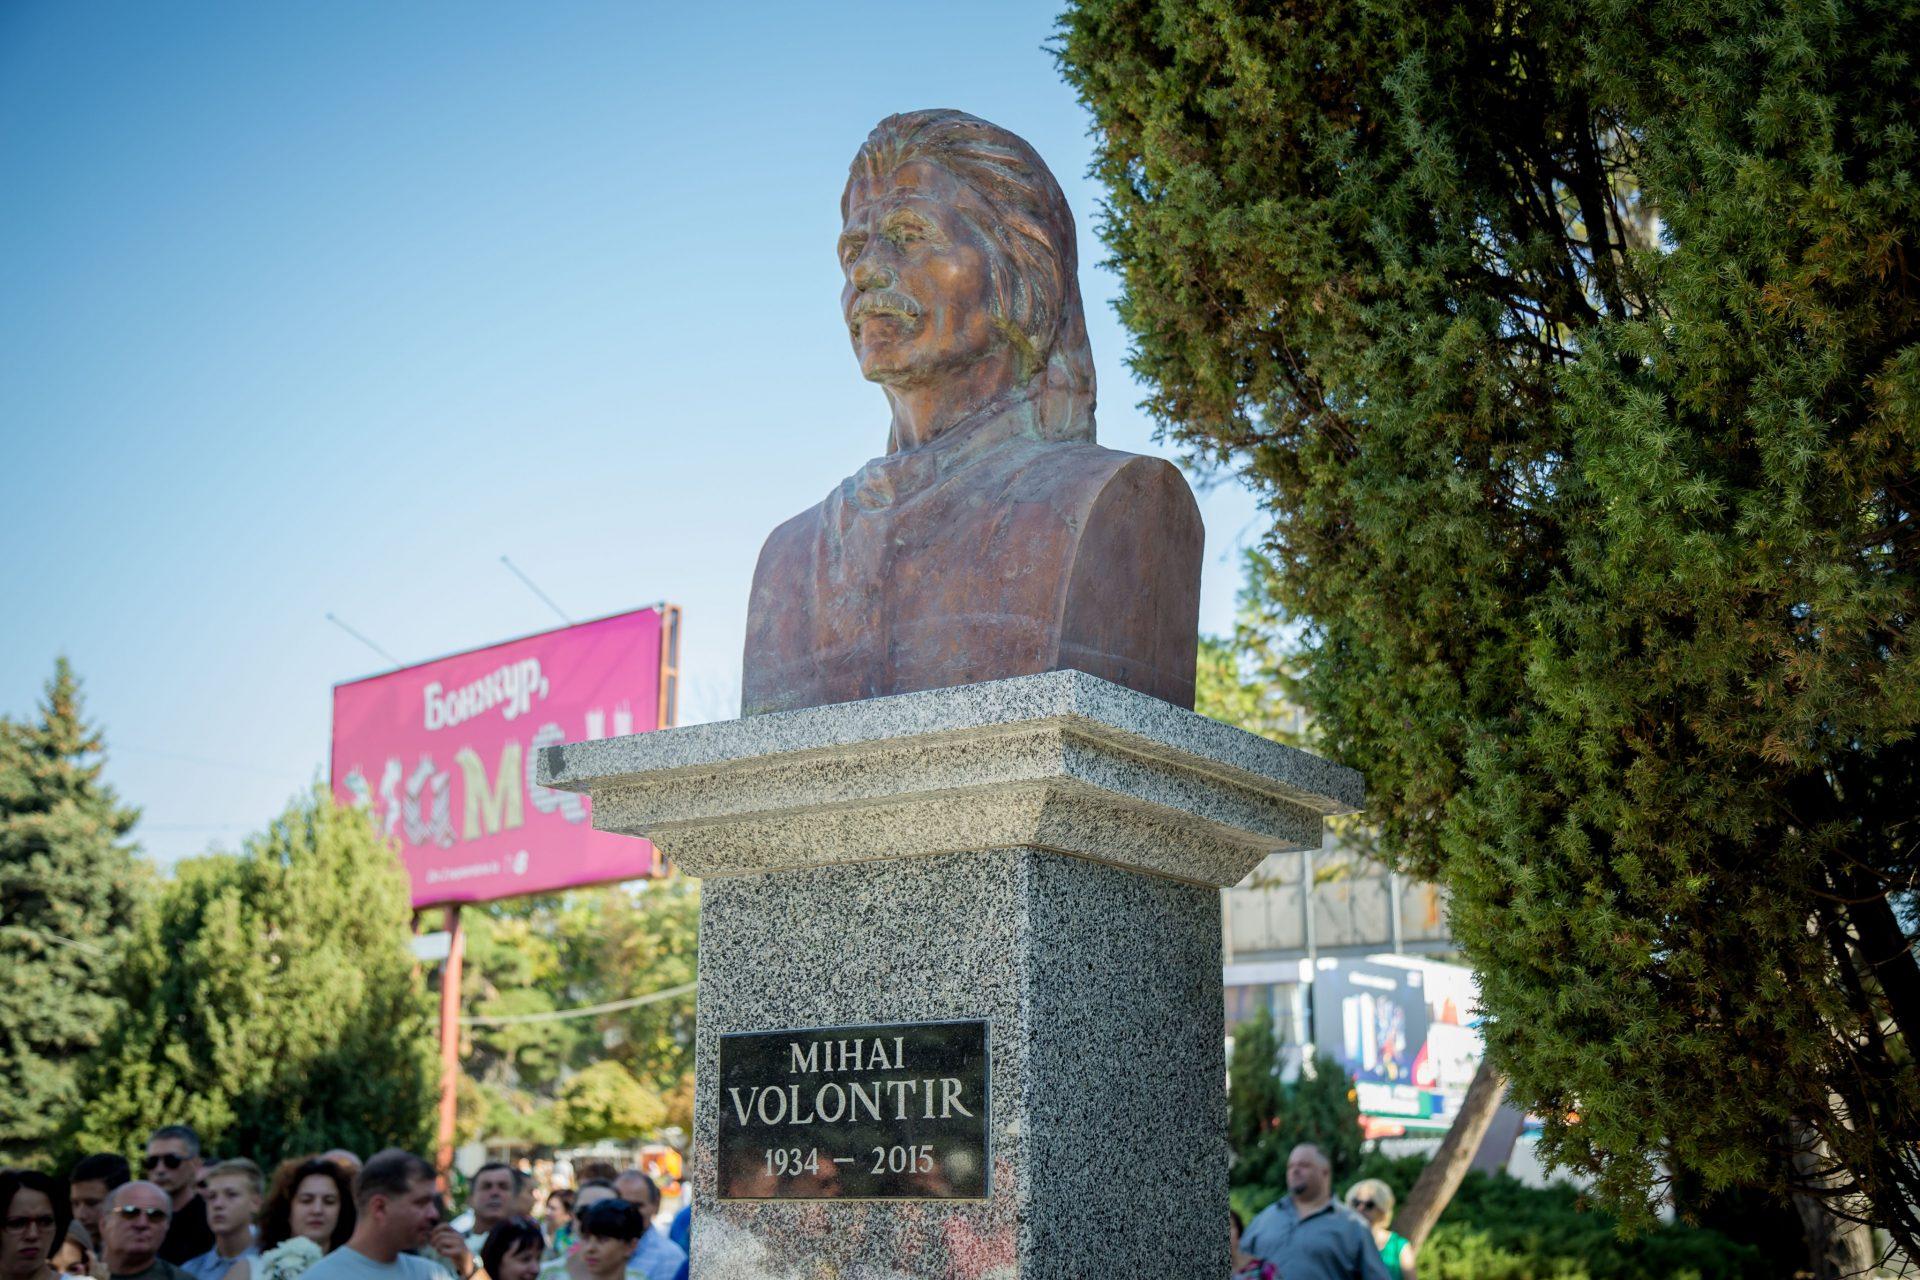 VIDEO | După patru ani de tensiuni a fost dezvelit bustul lui Mihai Volontir, în sfârșit